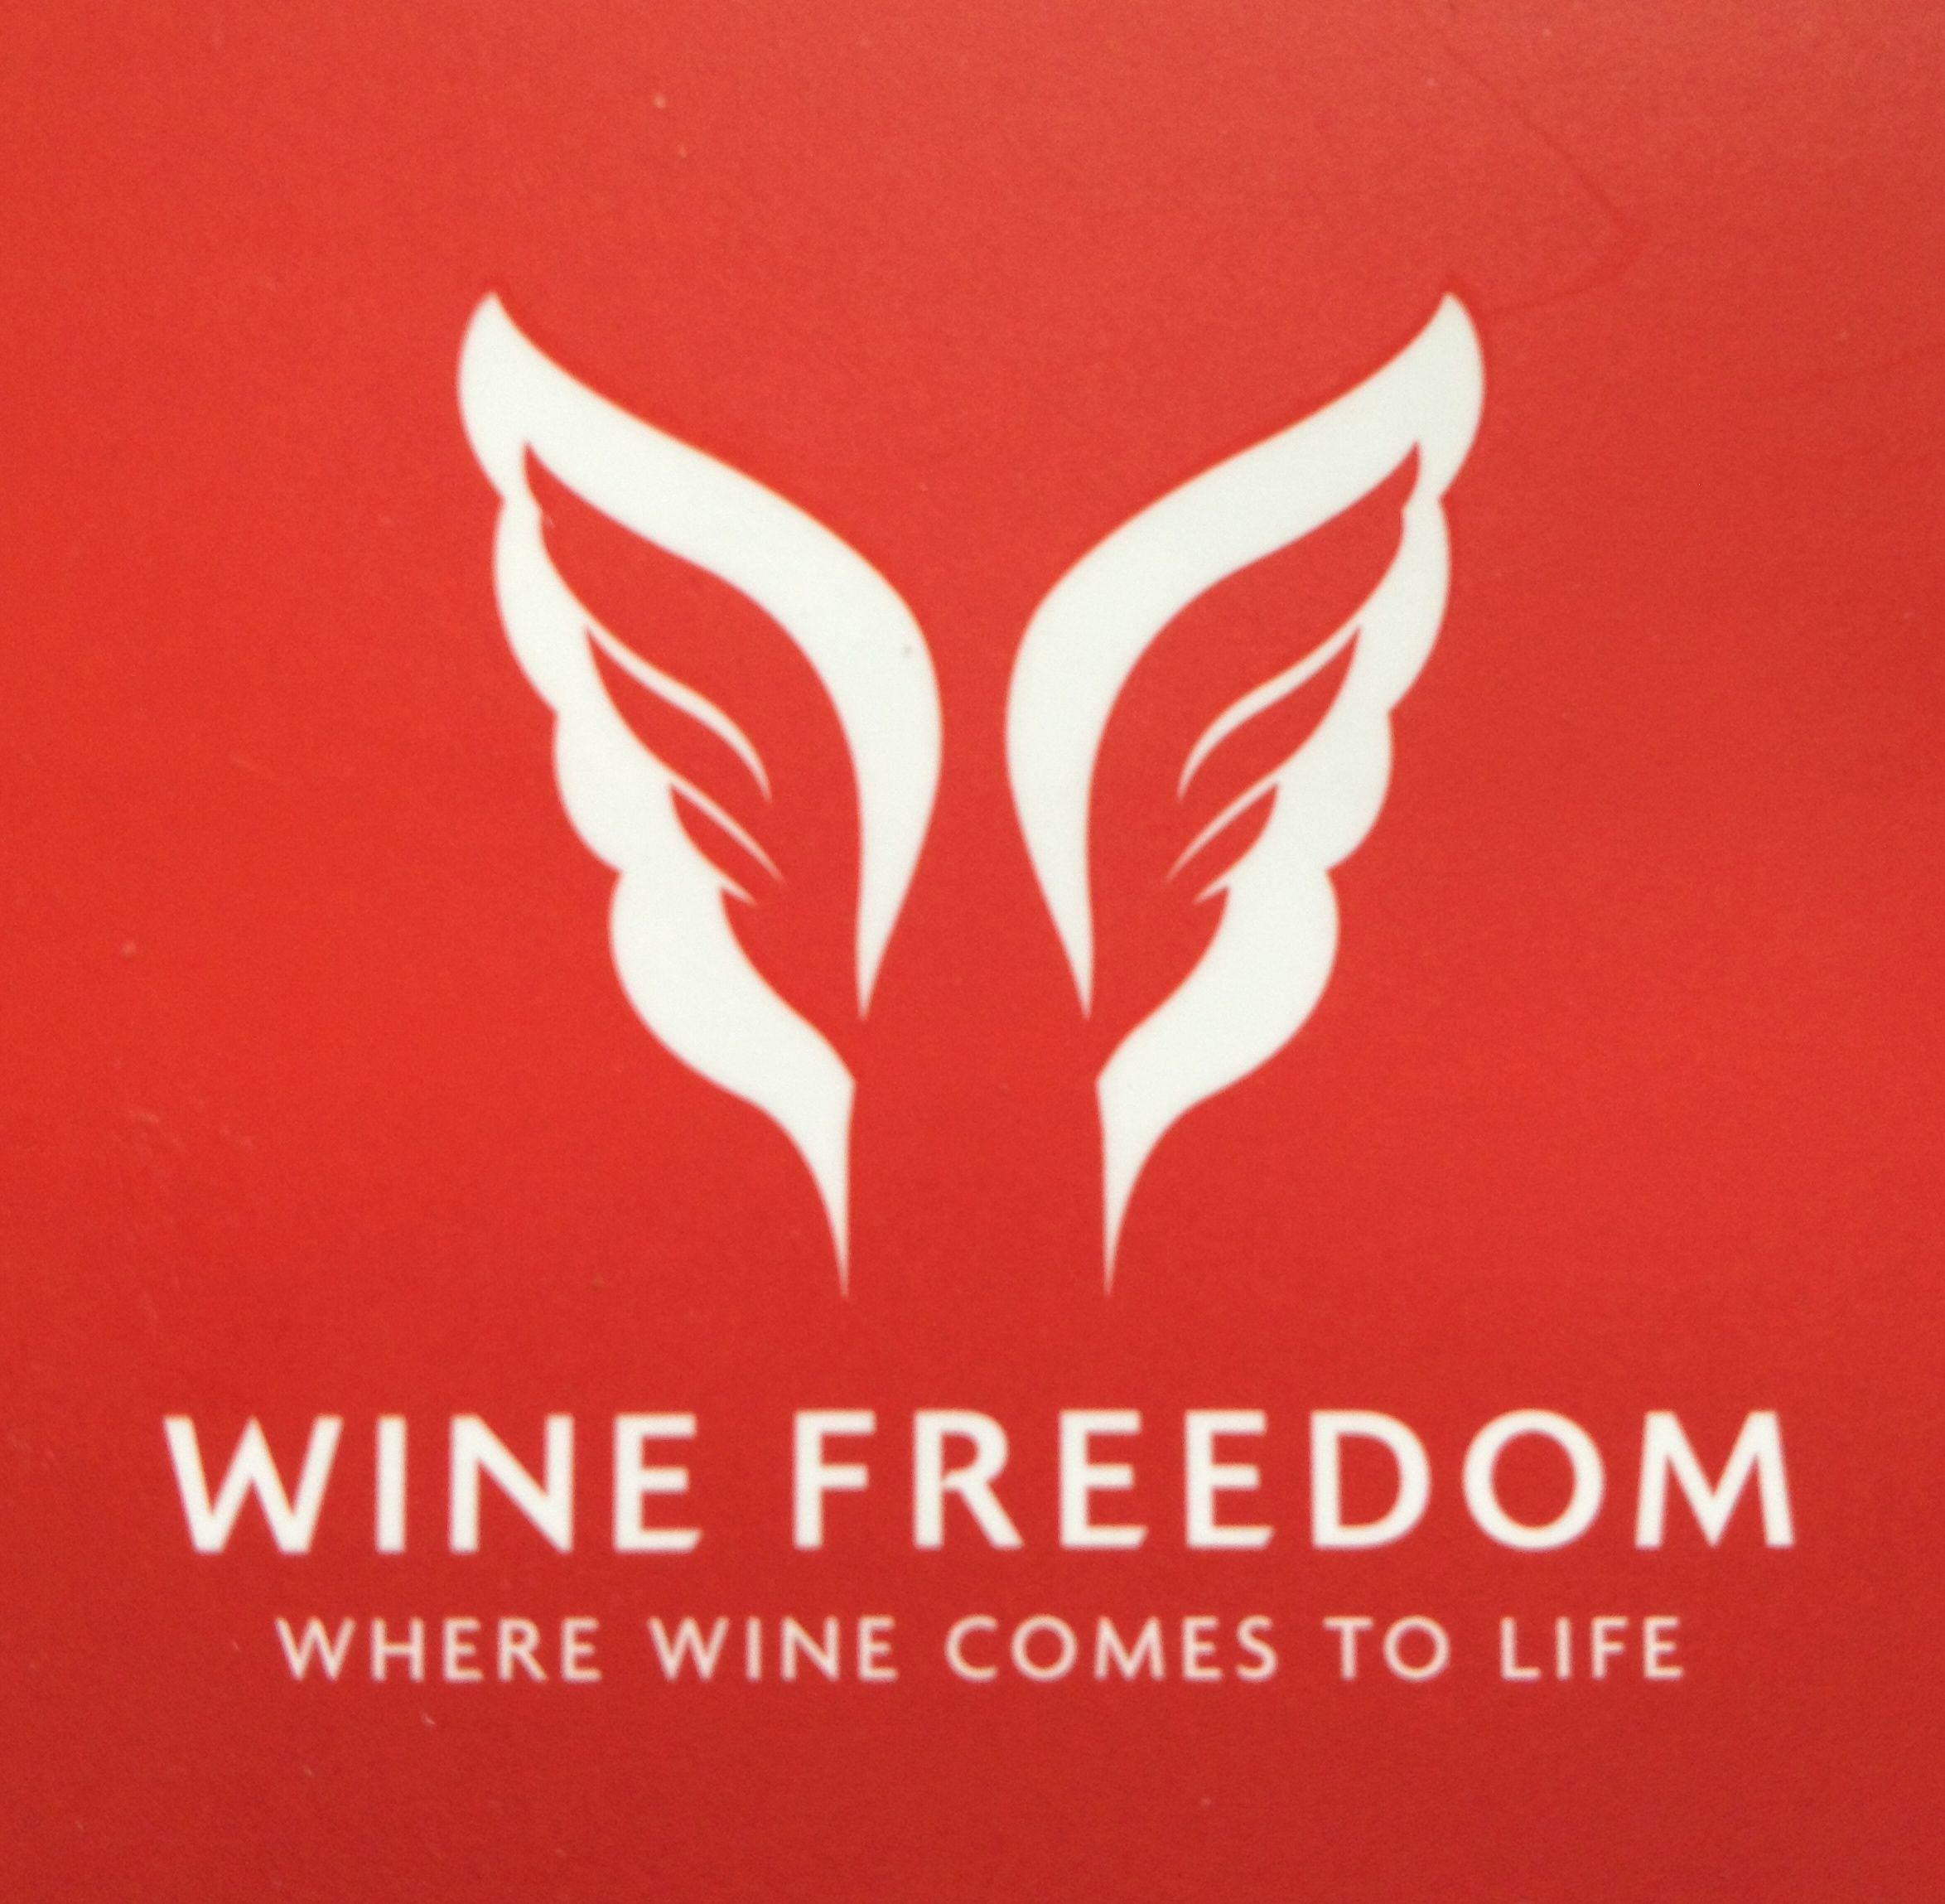 Wine Freedom Is A New Wine Store Online And In Dunedin Nz It S Fab Www Winefreedom Co Nz Wine Store Wine Dunedin